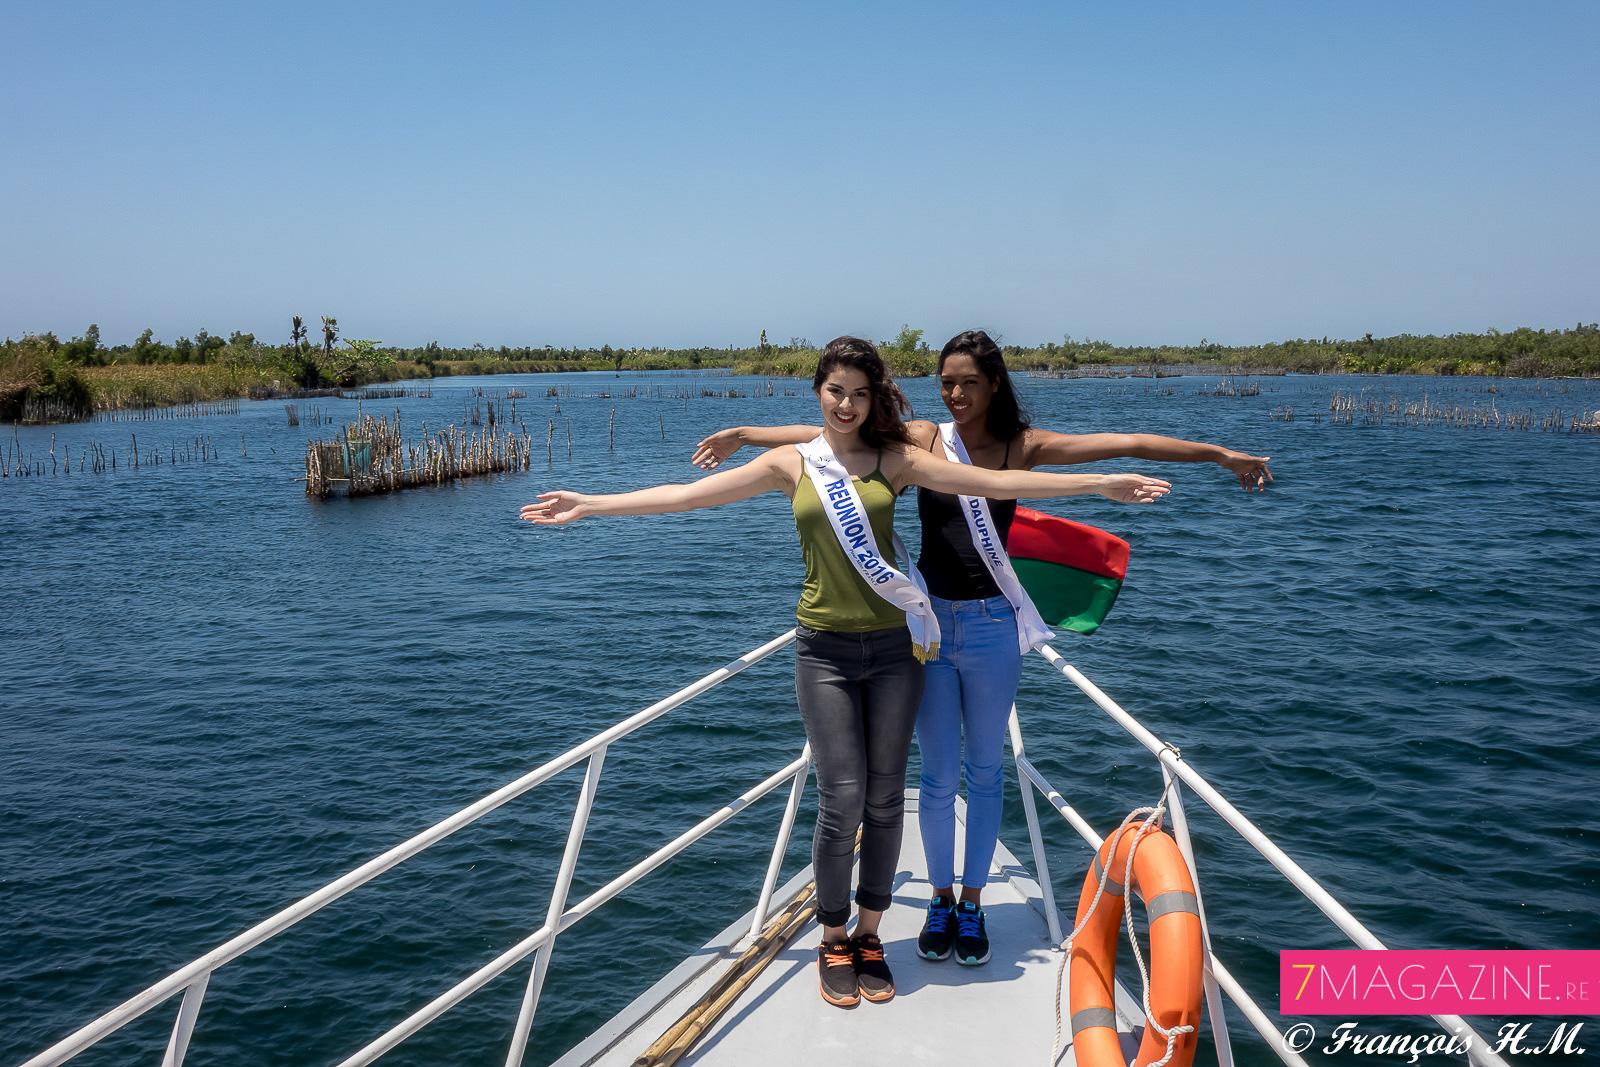 Non le bateau n'a pas coulé... La Reine Tina n'est pas le Titanic!